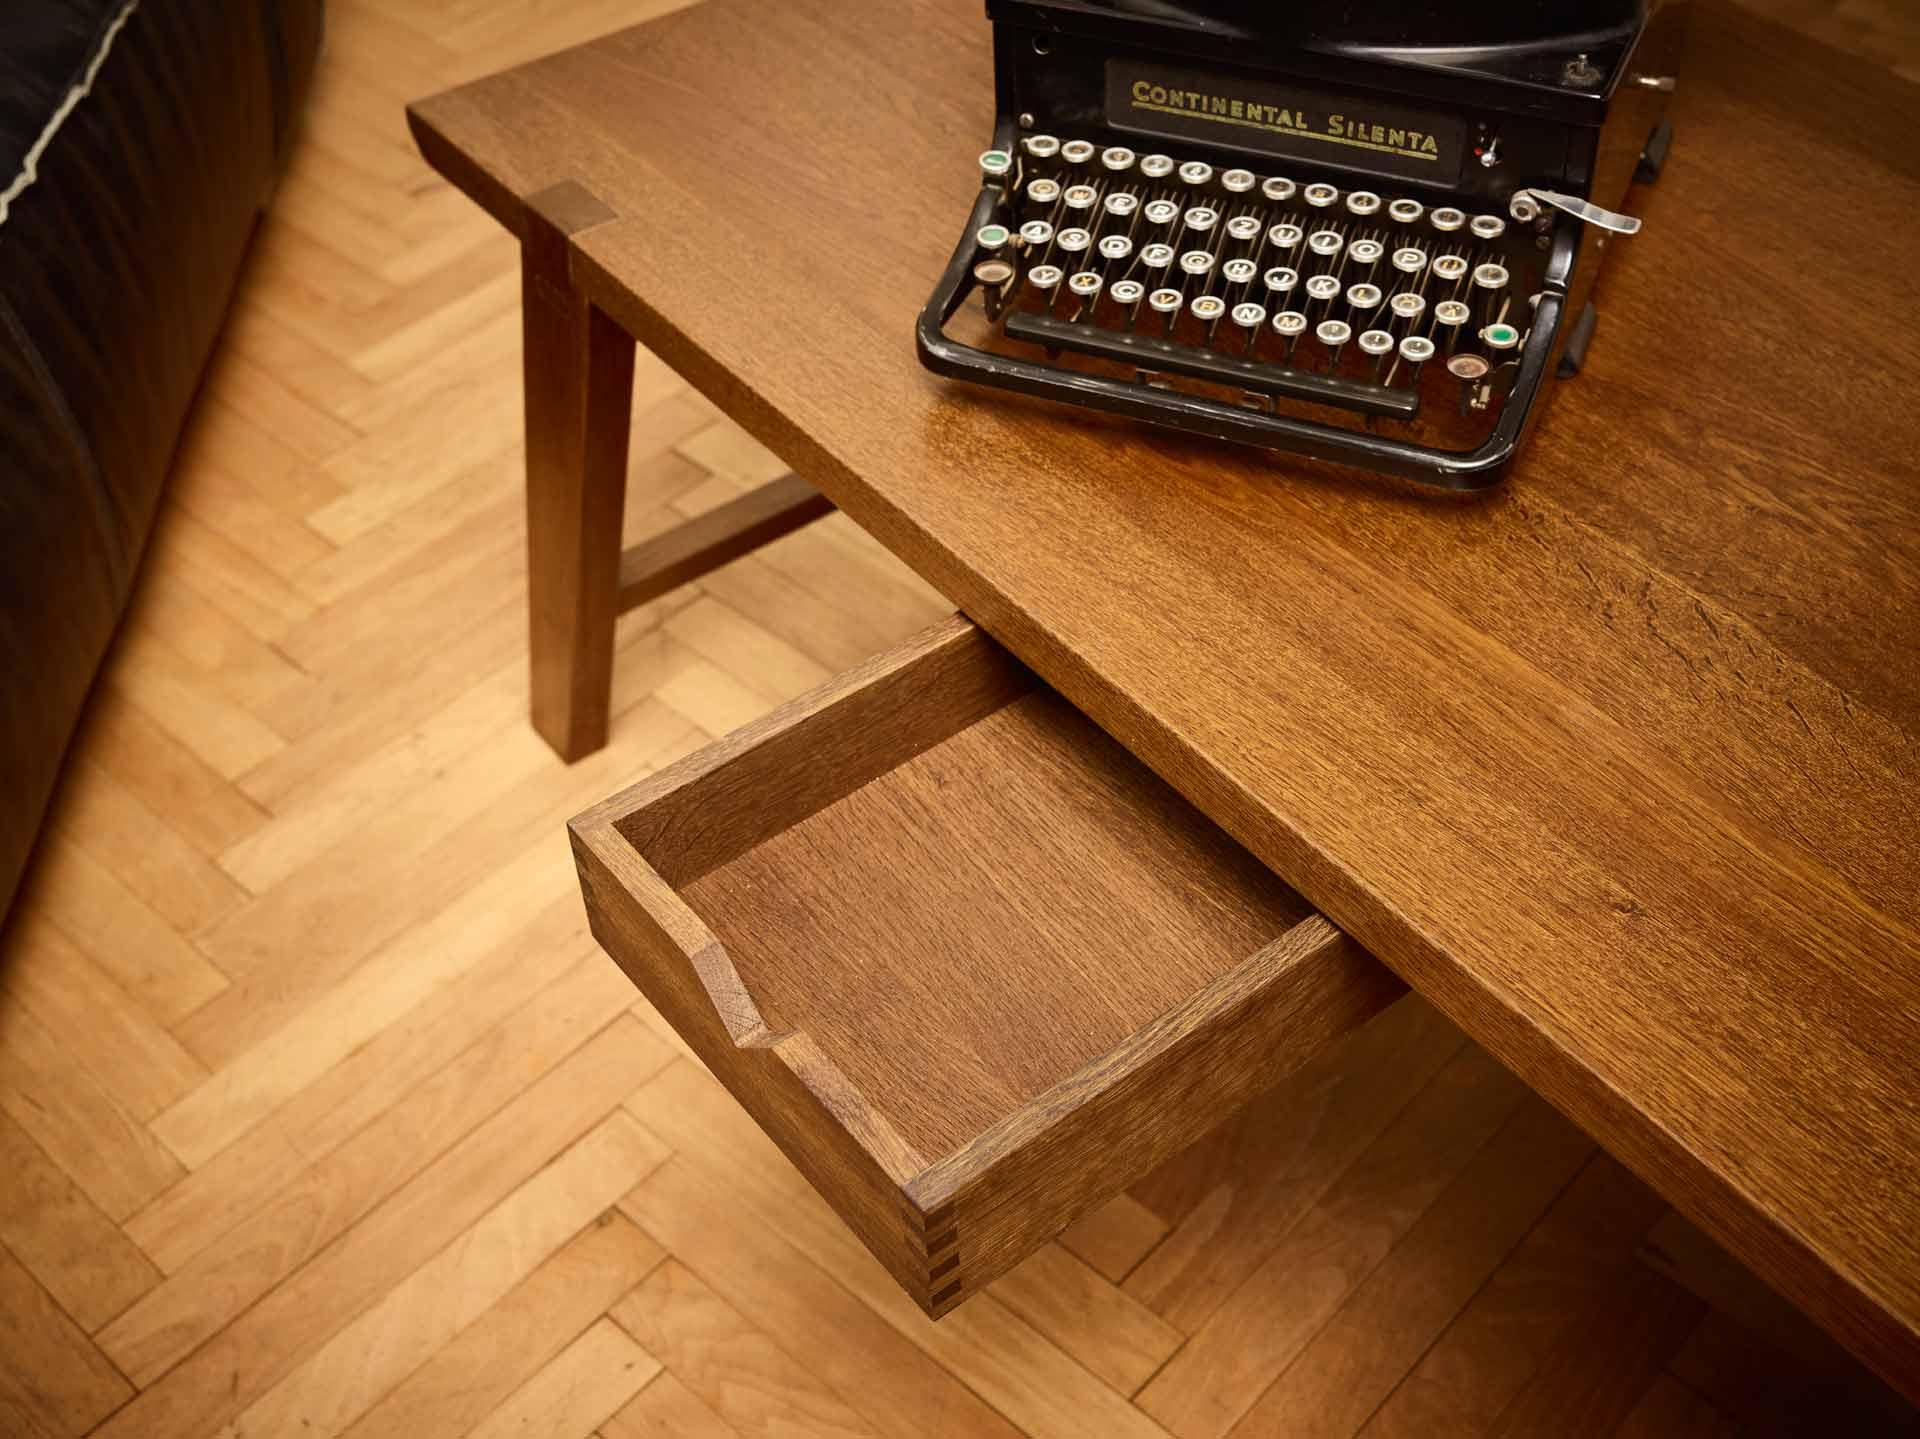 Couchtisch mit alter Schreibmaschine und geöffneter Lade